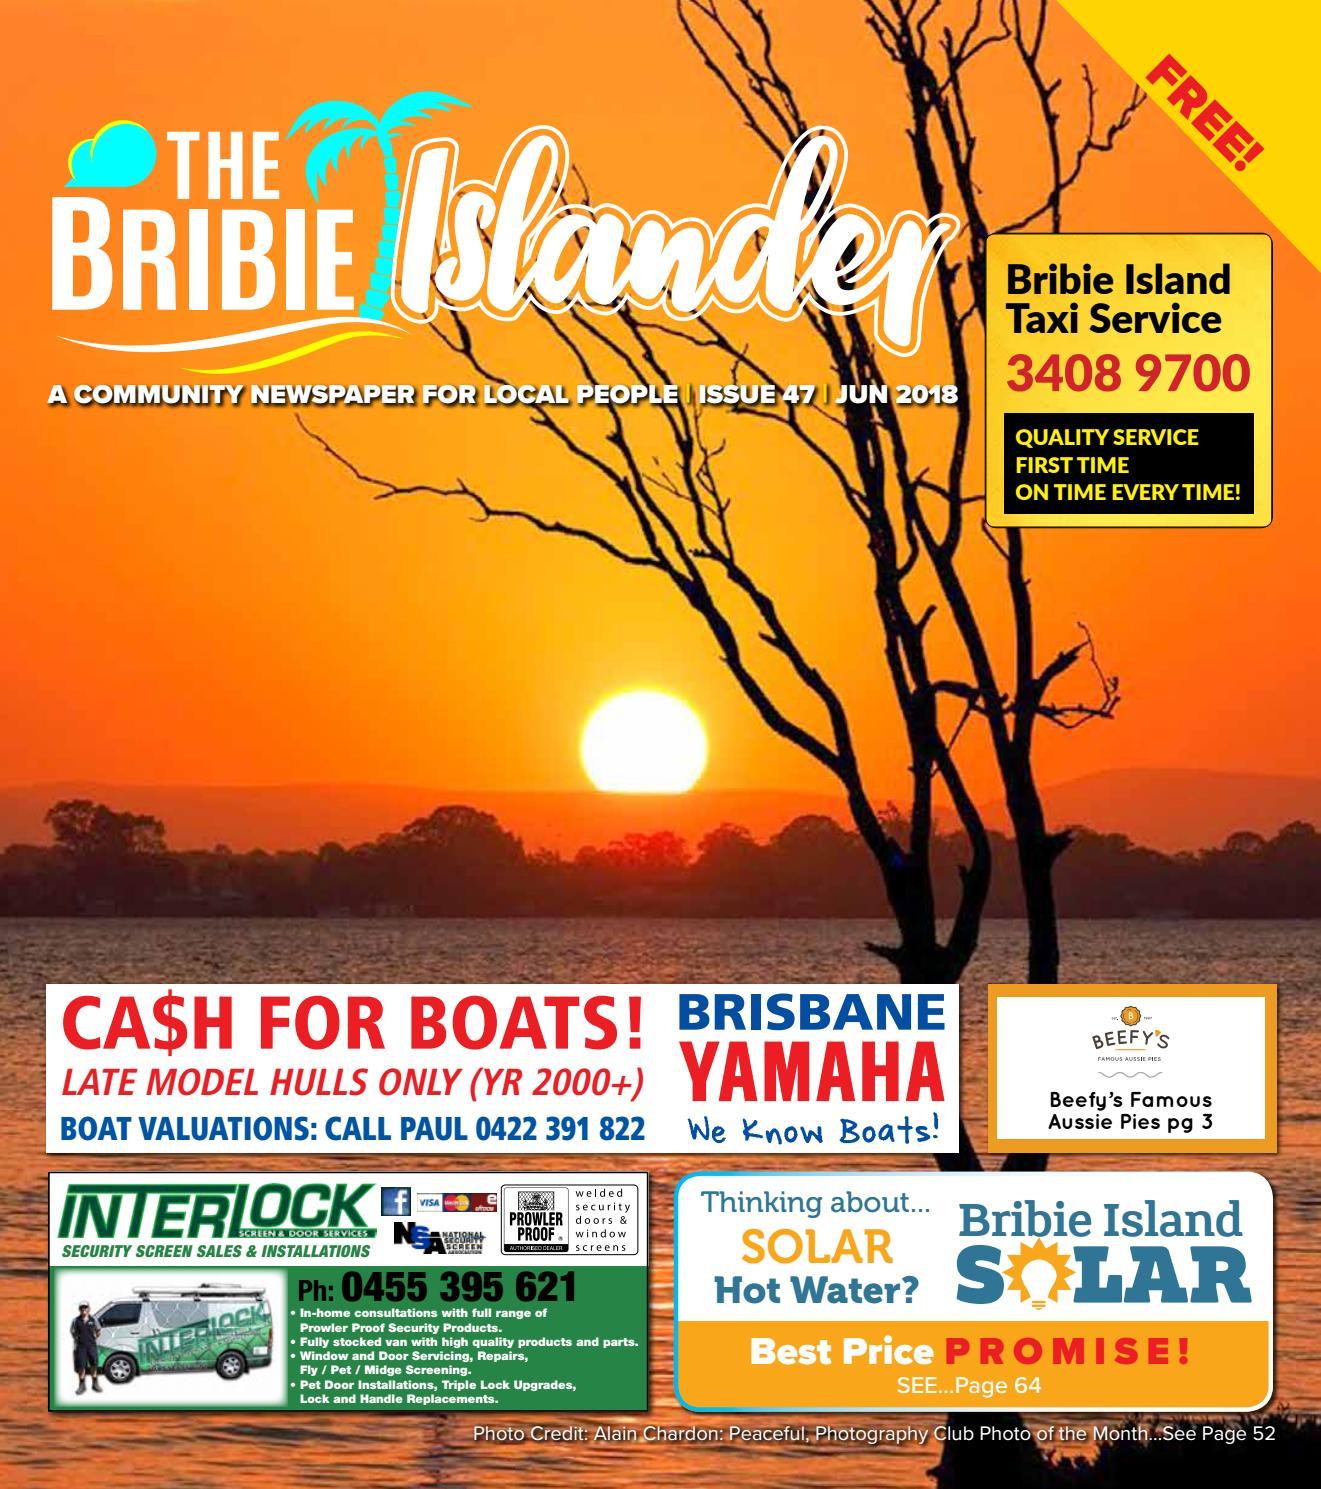 The Bribie Islander June 2018 Issue 47 by The Bribie